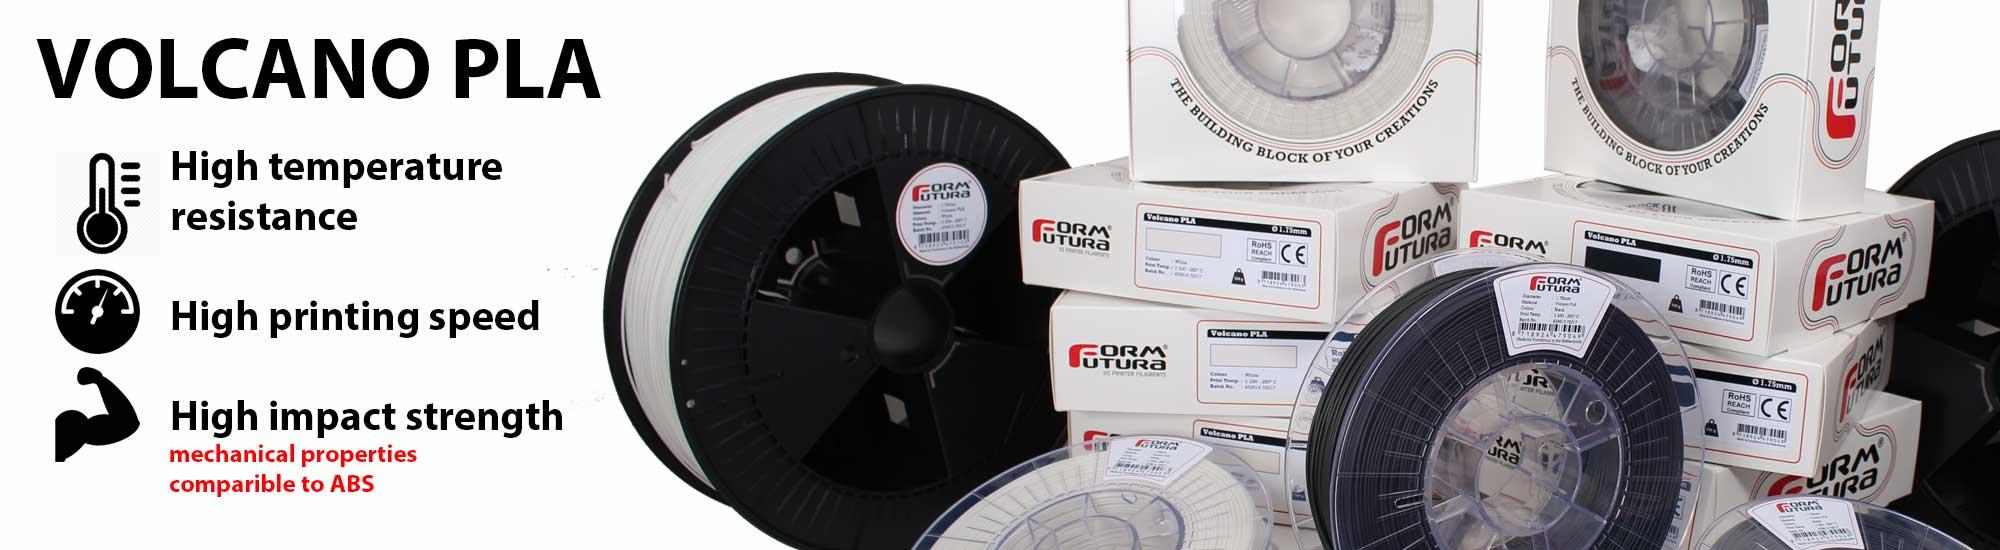 Volcano PLA - Neue technische Materialien von Formfutura: STYX-12 und Volcano PLA